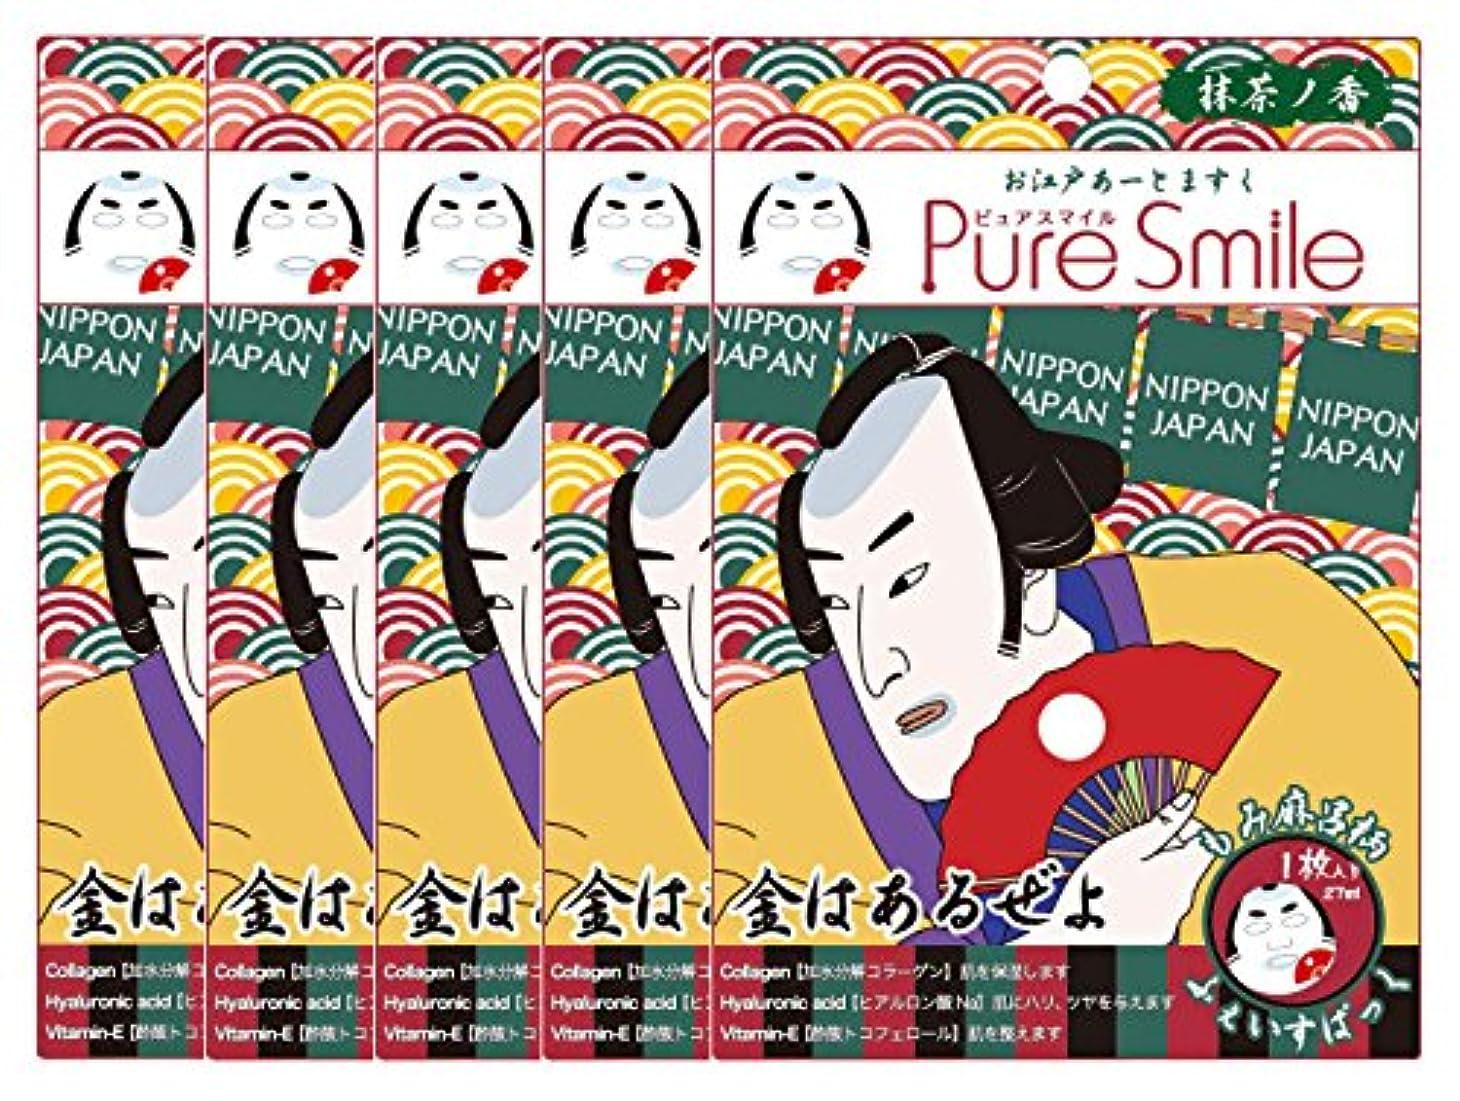 助手モルヒネ式ピュアスマイル お江戸アートマスク もみ麻呂 ART02 1枚入 ×5セット